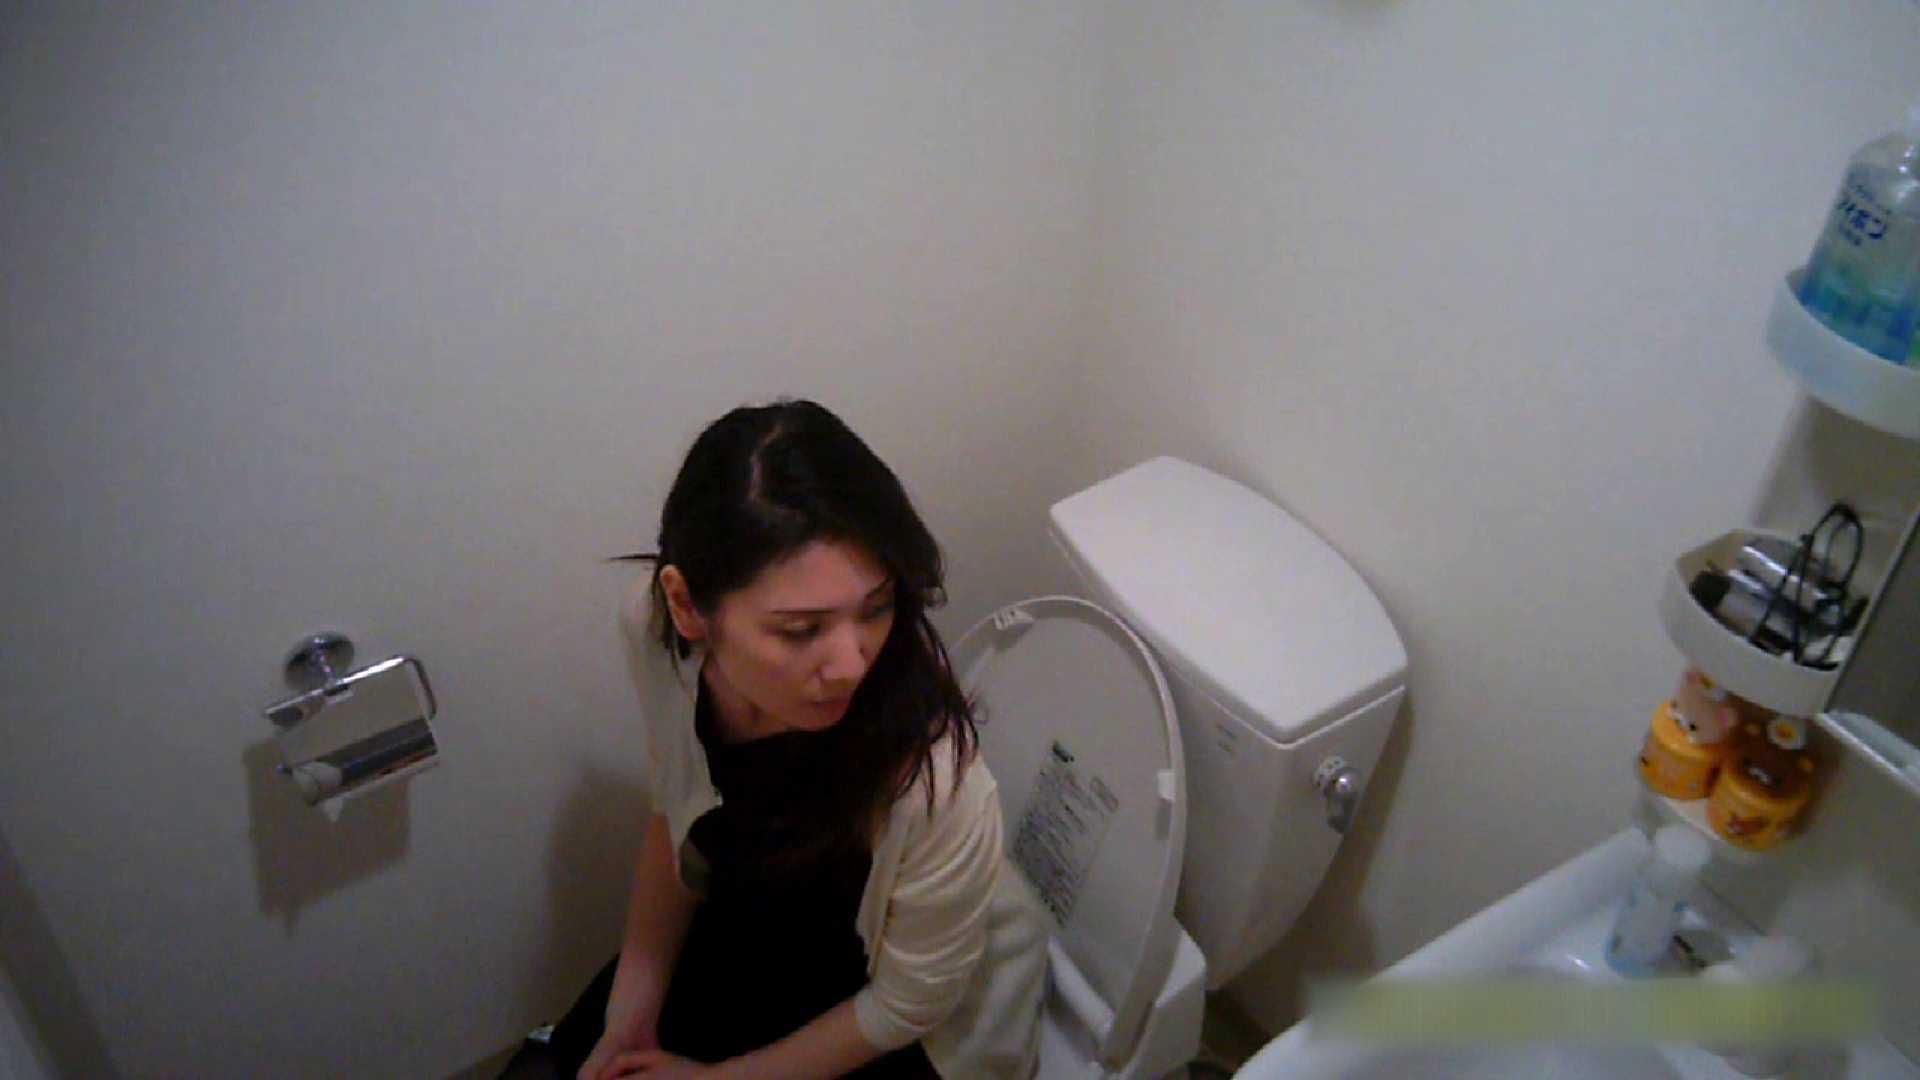 清楚な顔してかなり敏感なE子25歳(仮名)Vol.04 トイレ編 洗面所 | お姉さん攻略  62画像 17